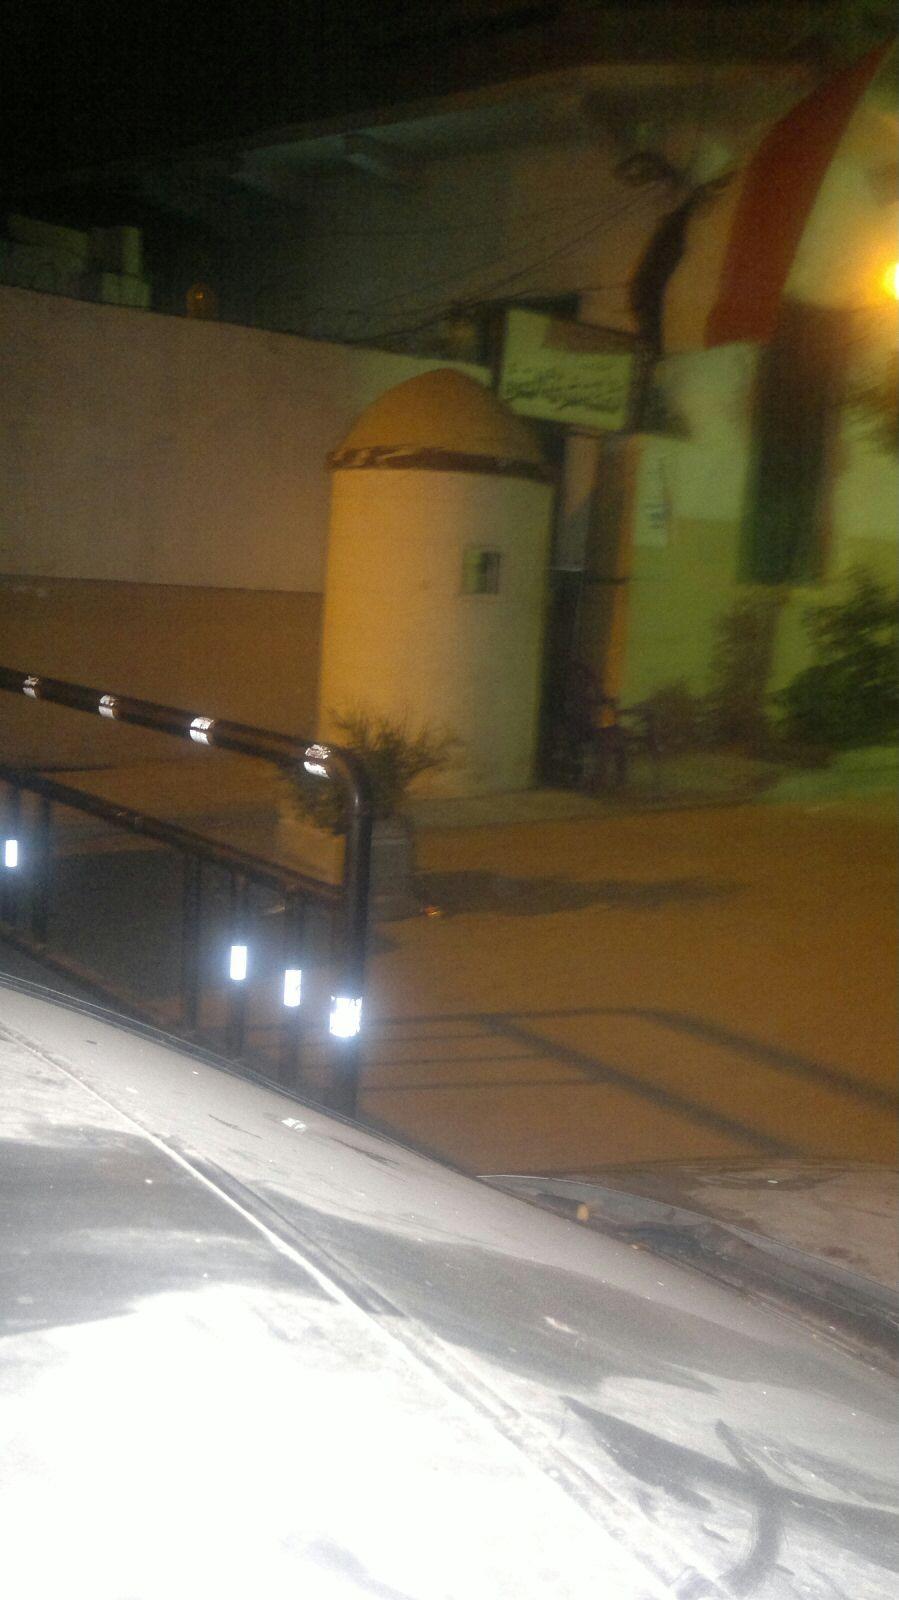 صور.. قطة ودرع وكرسي يحرسون نقطة شرطة الحضرة بالإسكندرية